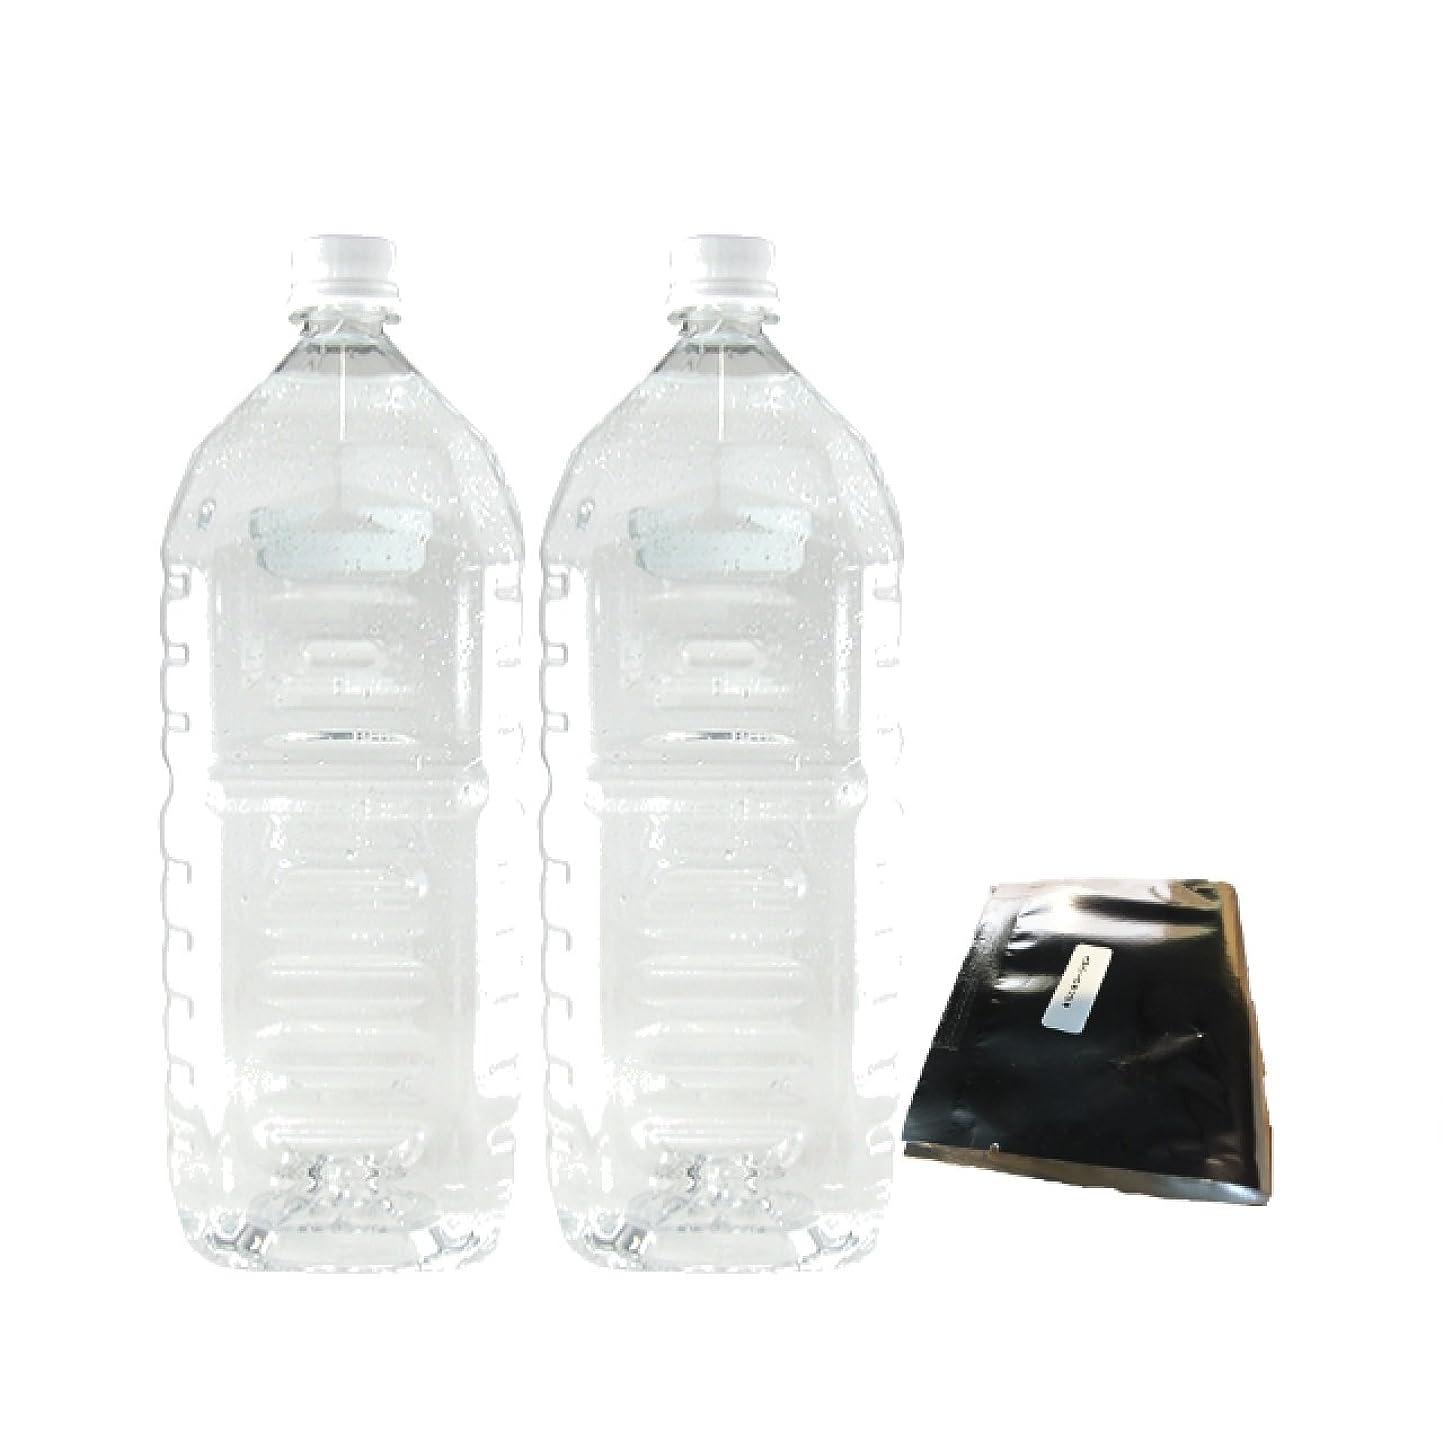 やむを得ない一スコアお徳用クリアローション 2Lペットボトル ハードタイプ(5倍濃縮原液)【2本セット+★ミニ★ローション付】